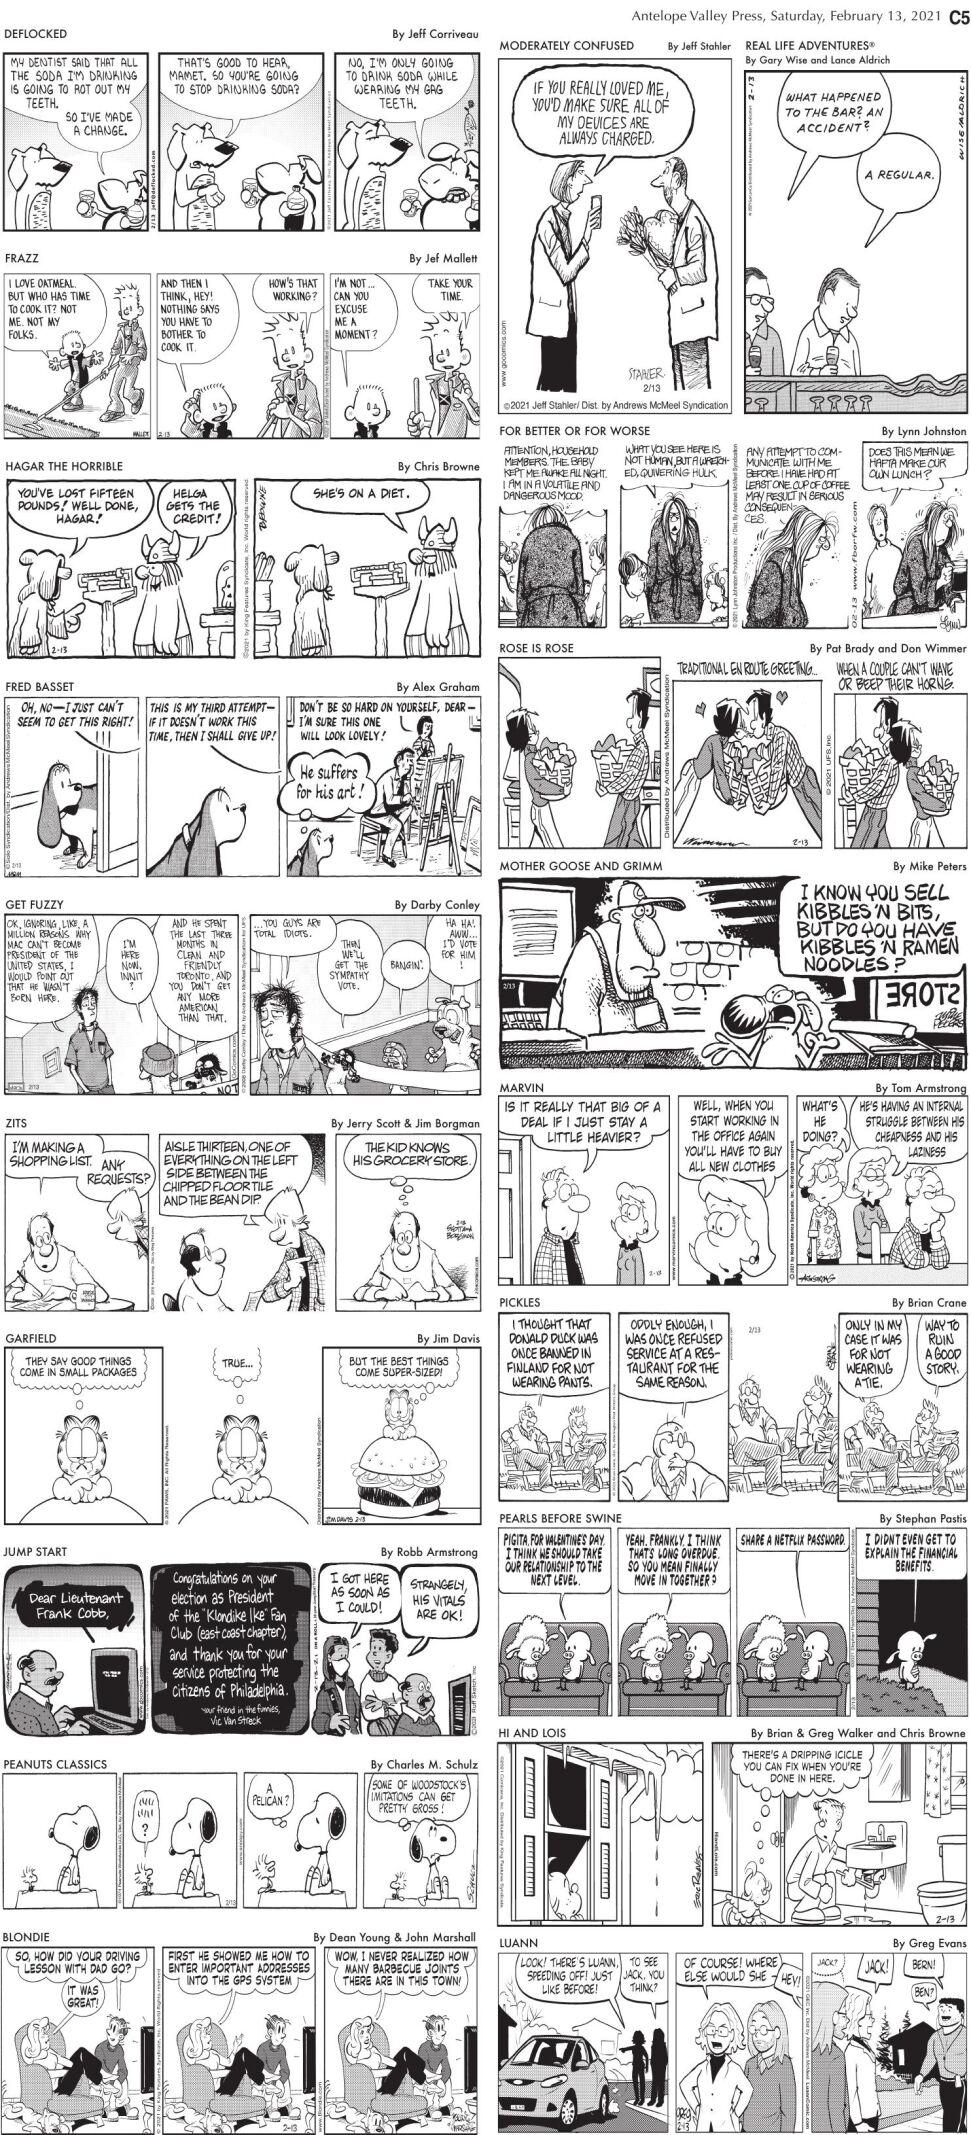 Comics, Feb. 13, 2021